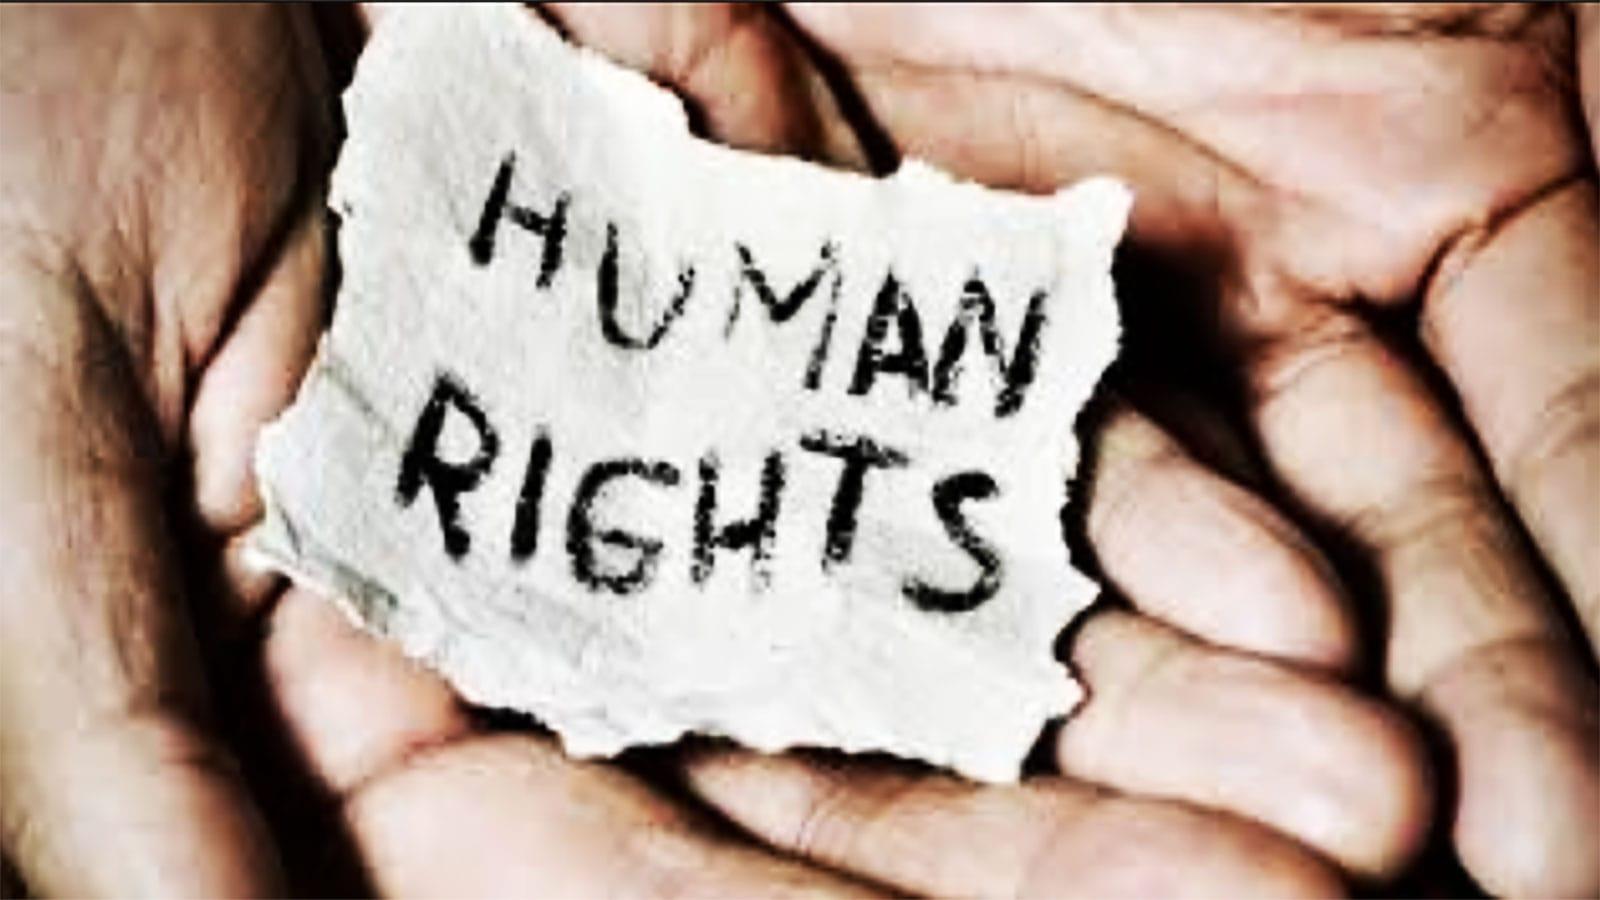 Diritto al pianeta. Gli obiettivi per lo sviluppo sostenibile e i diritti  umani - Fondazione Giangiacomo Feltrinelli